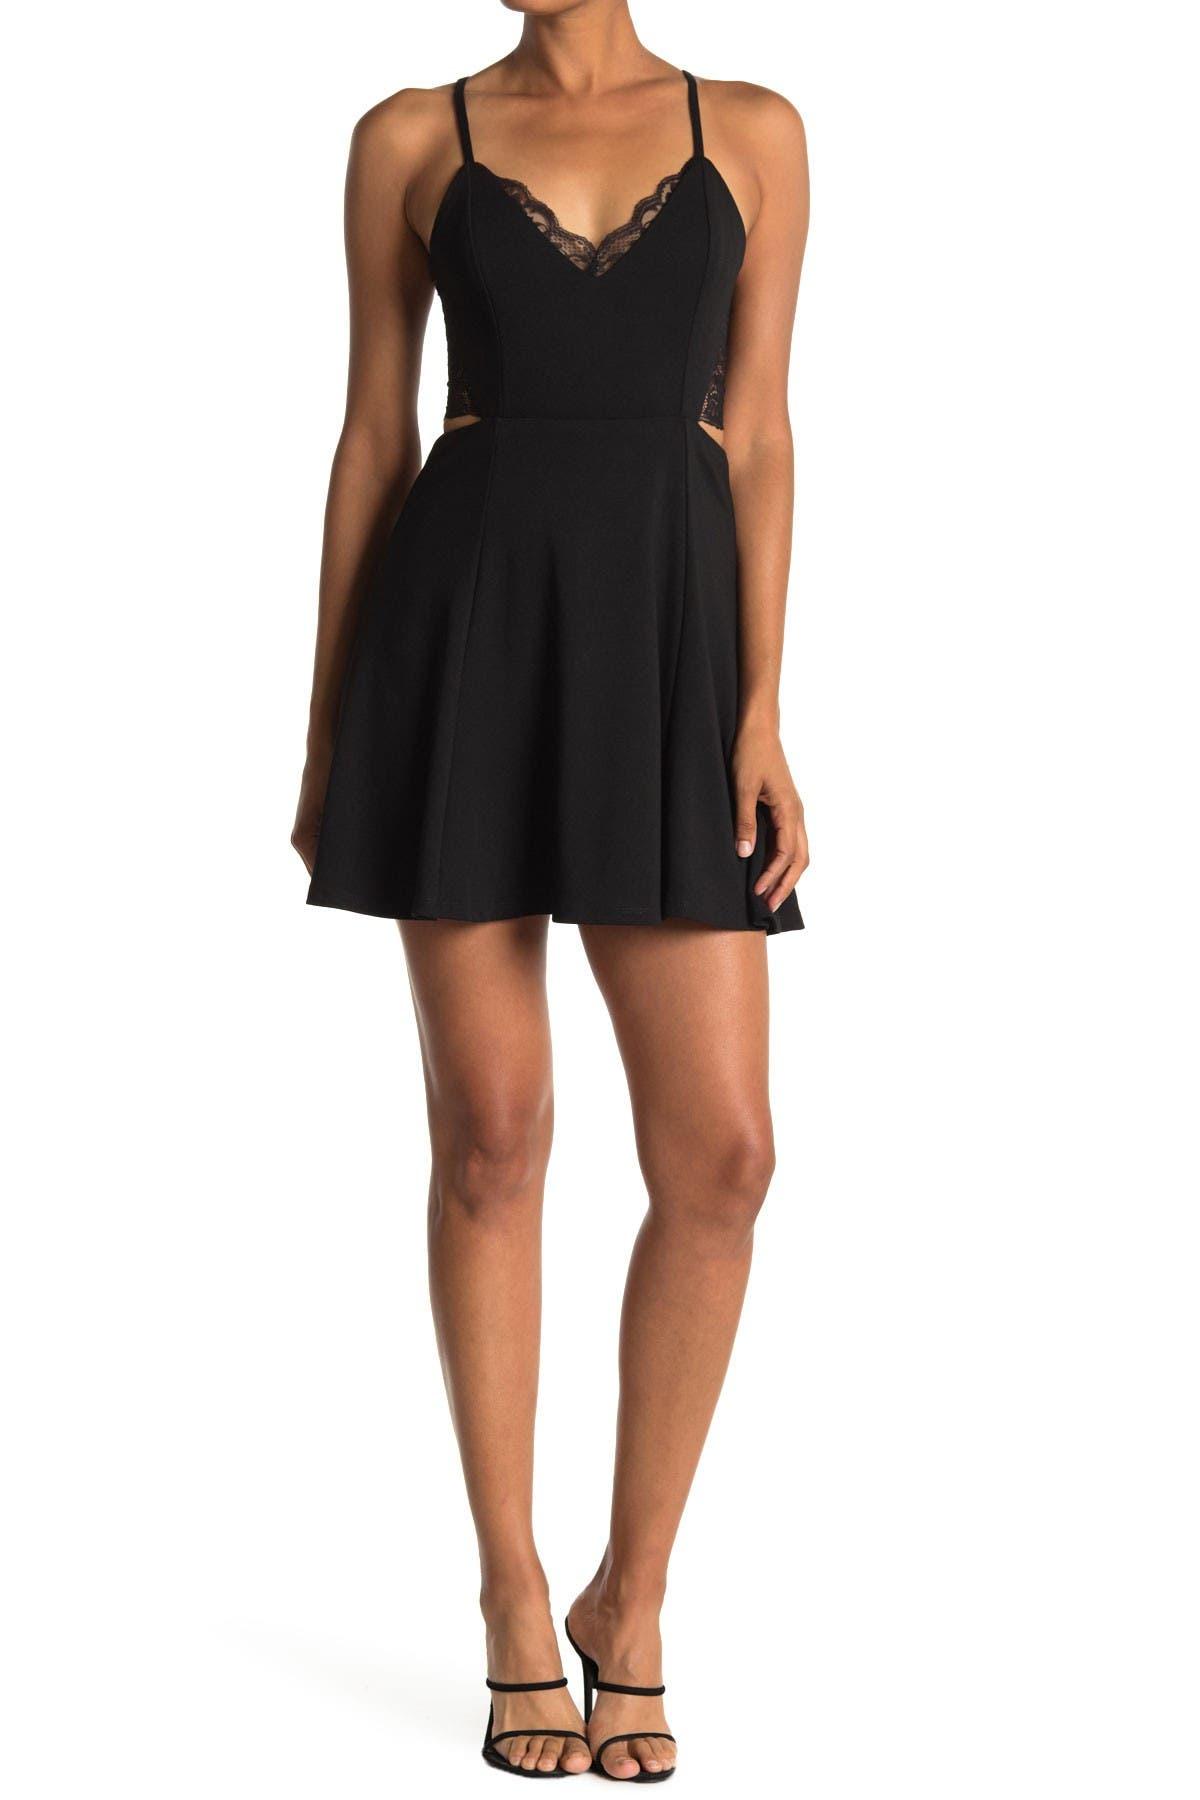 Image of Lush Back Lace Flare Dress